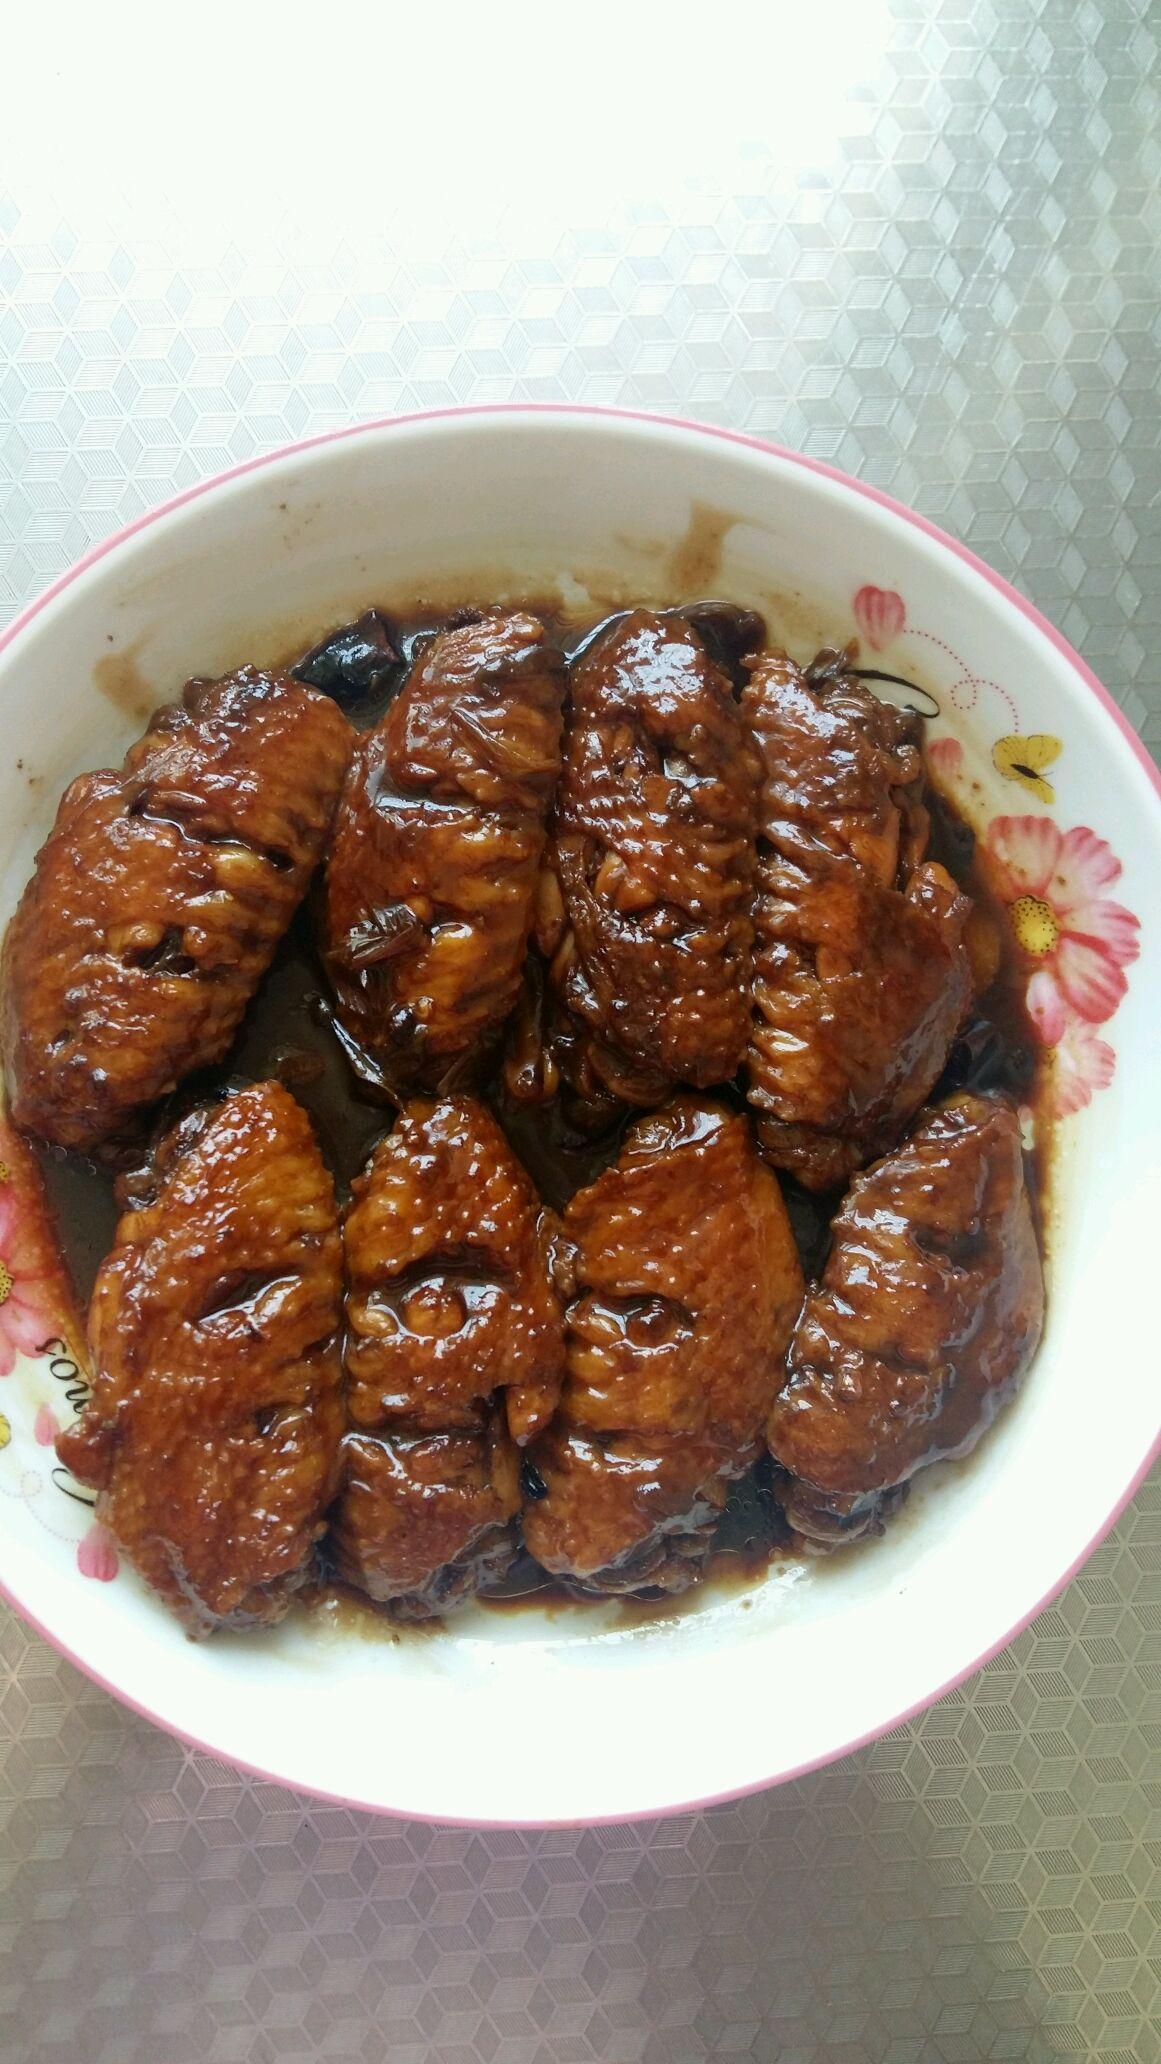 可樂雞翅的做法_【圖解】可樂雞翅怎么做如何做好吃_可樂雞翅家常做法大全_風雨麗人yl_豆果美食